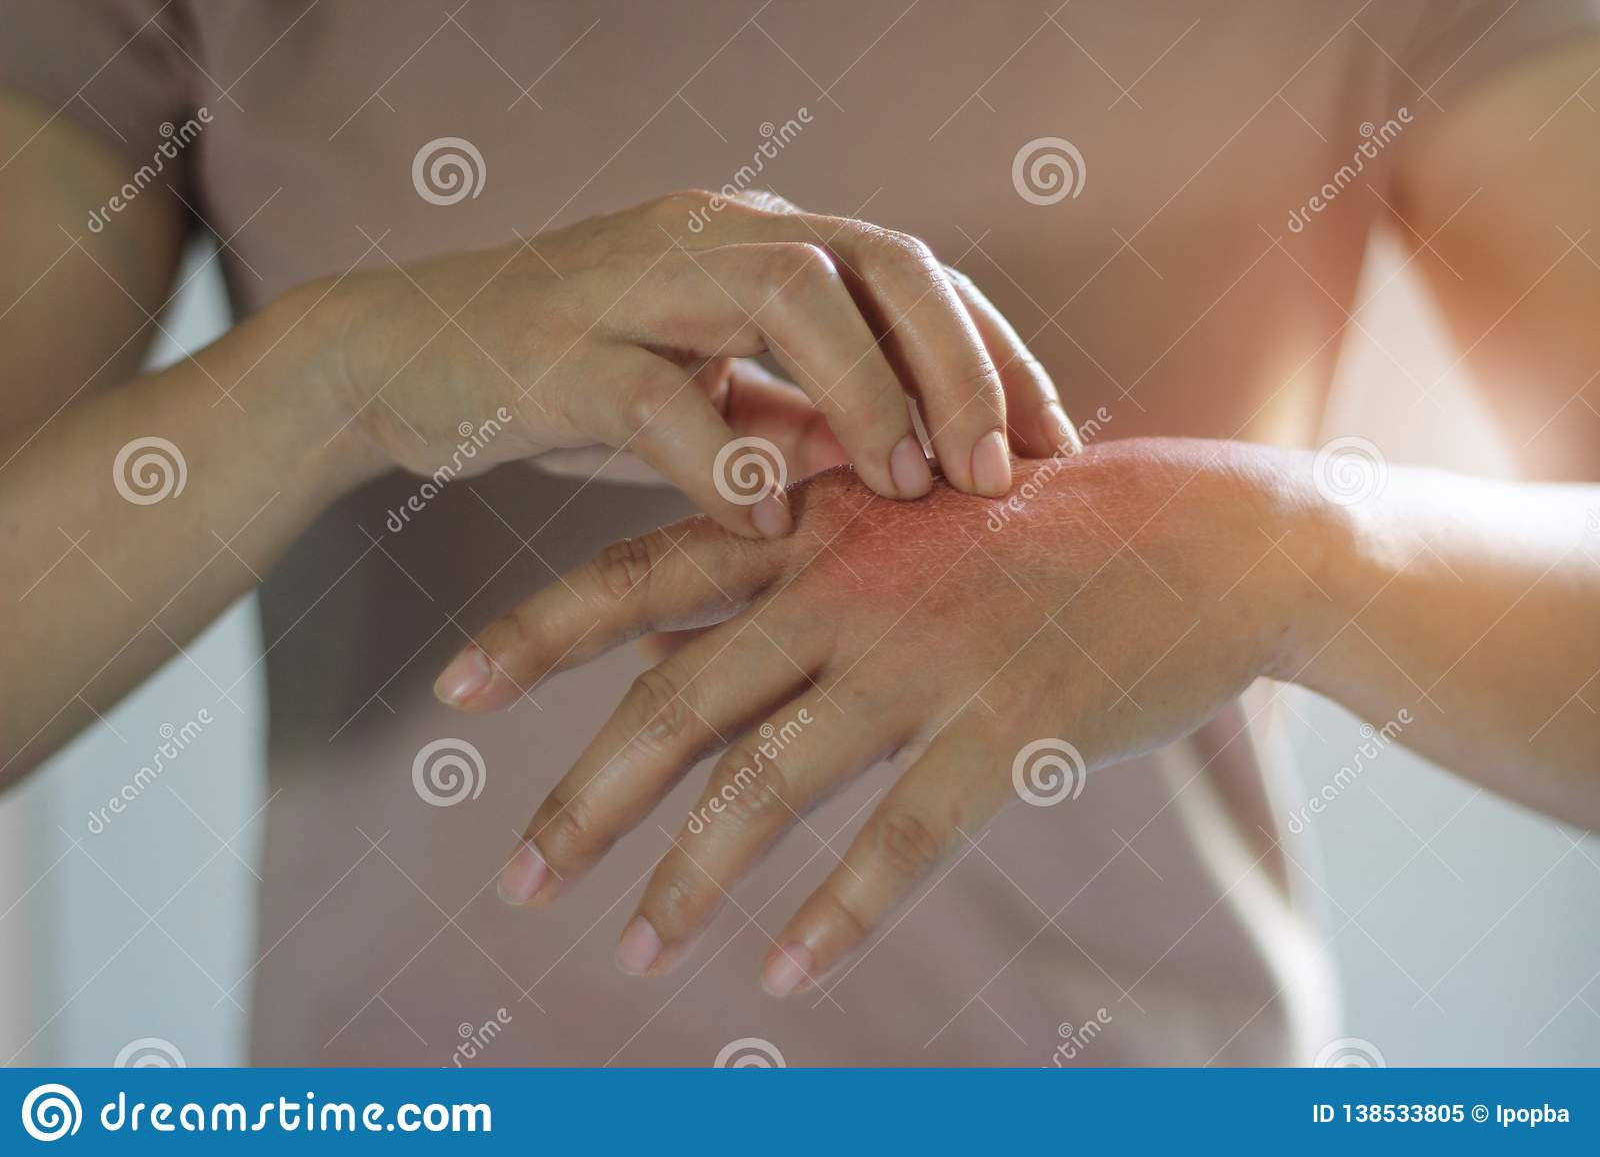 Υγειονομική περίθαλψη και ιατρική έννοια Το θηλυκό γρατσούνισμα φαγουρίζει σε ετοιμότητα της, αιτία να φαγουρίσει από τις ασθένει